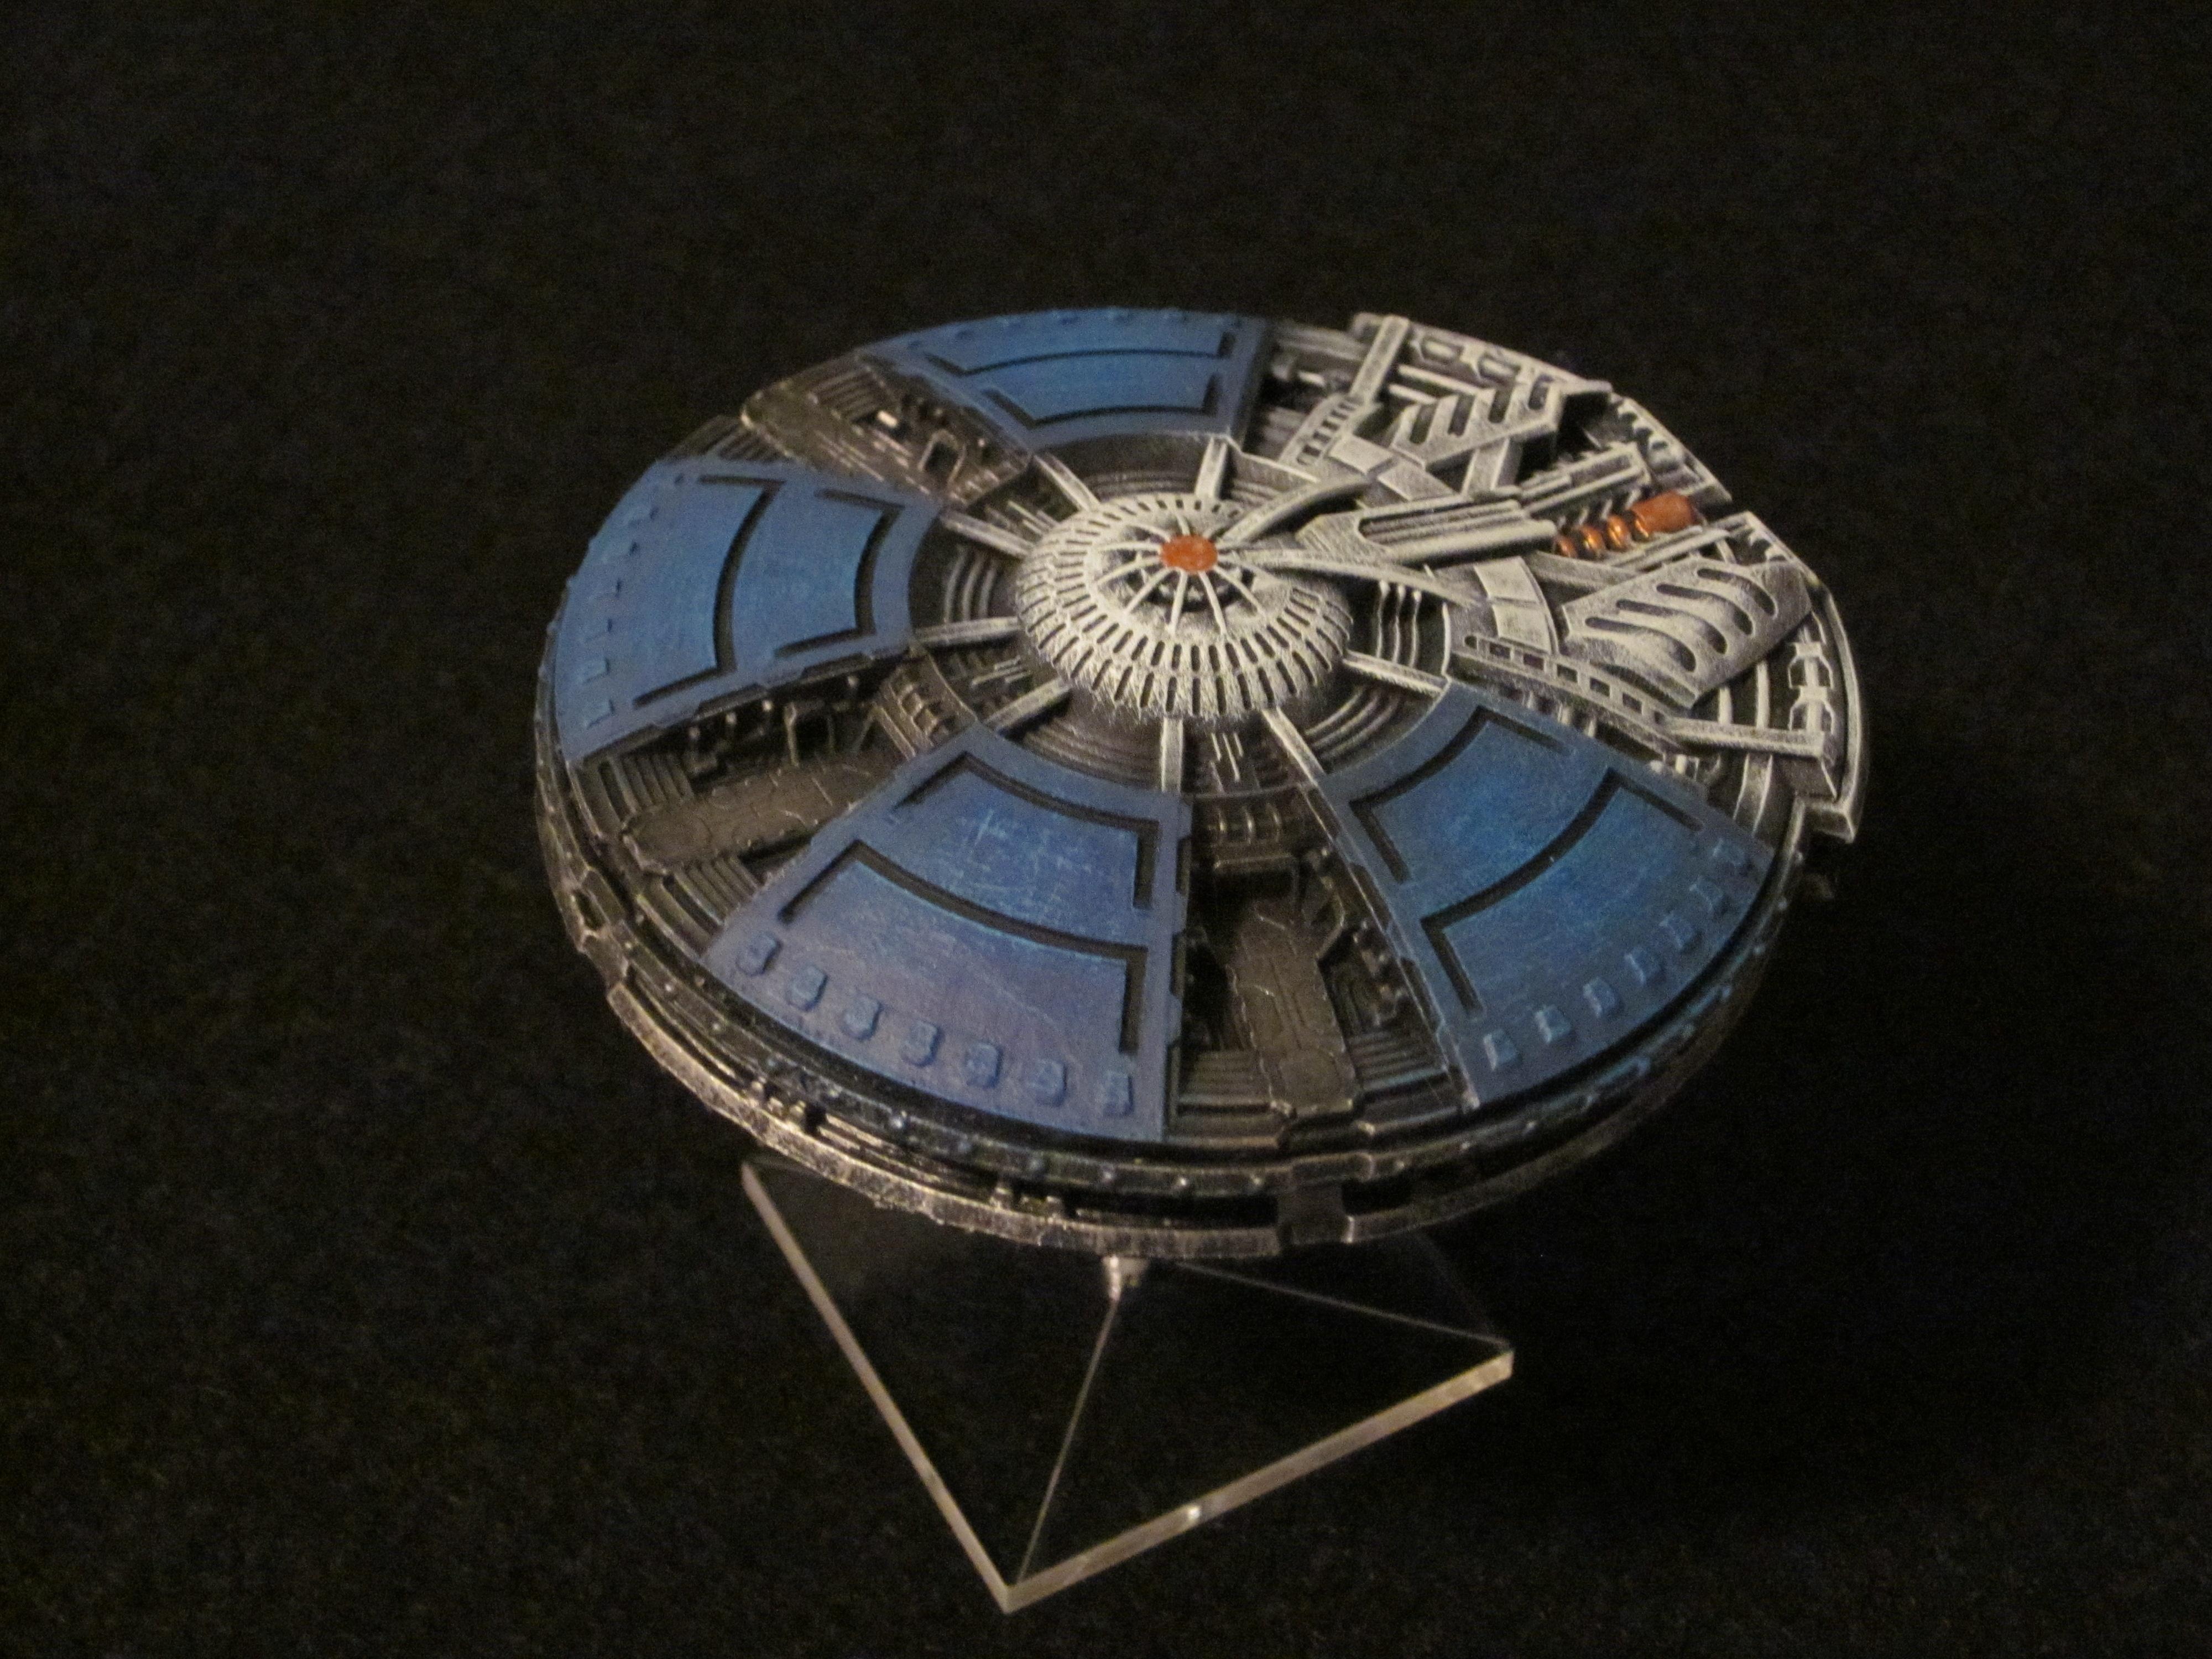 Armada, Carrier, Directorate, Firestorm, Overseer, Spartan